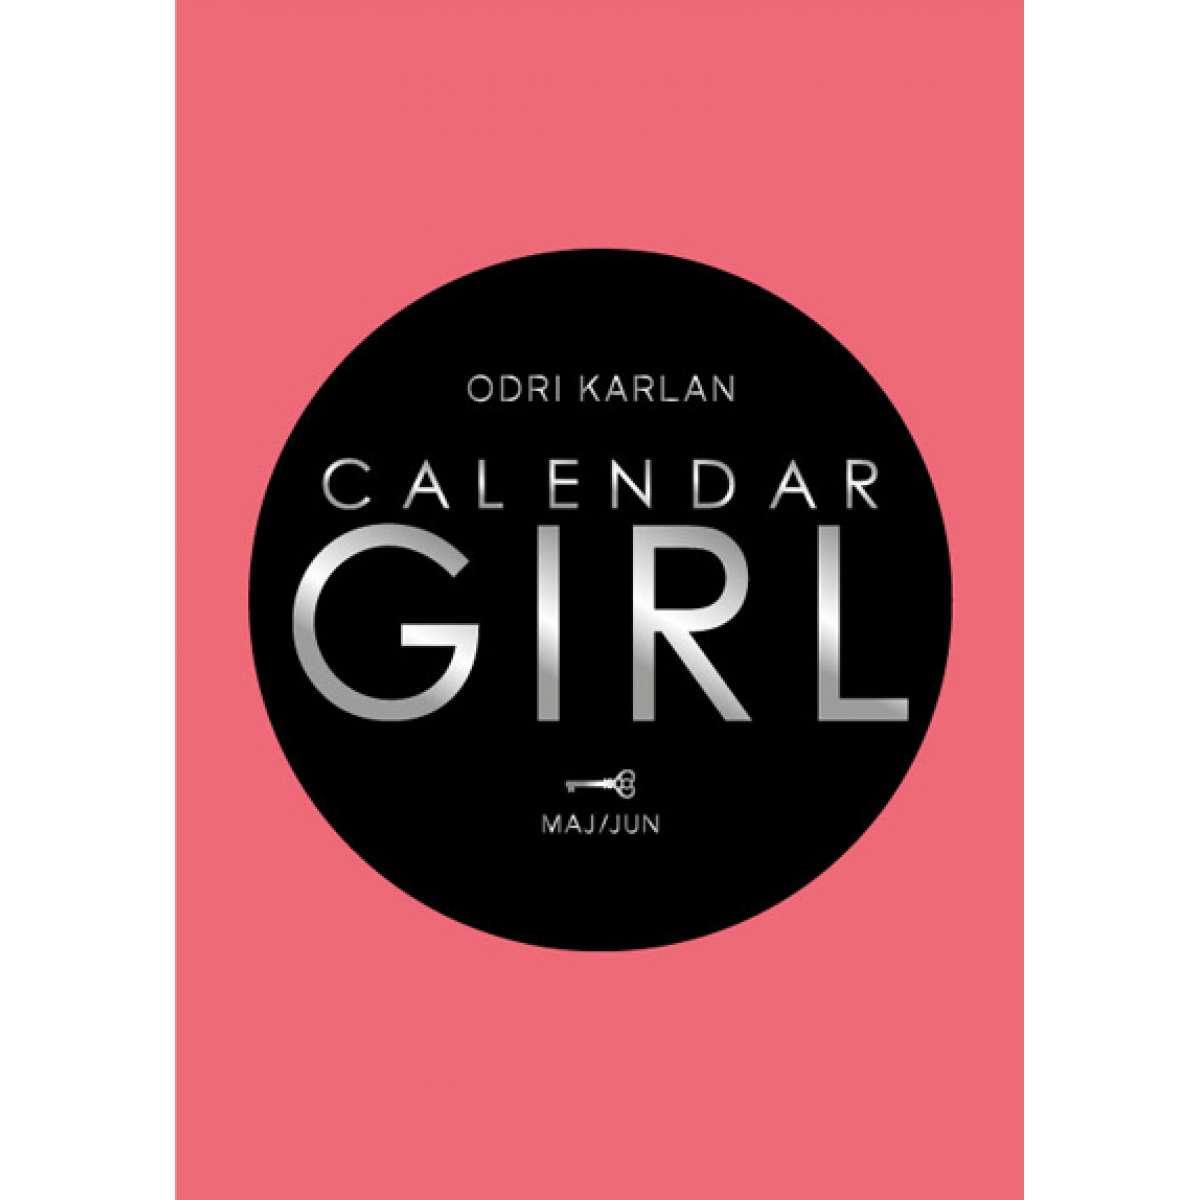 CALENDAR GIRL: MAJ/JUN